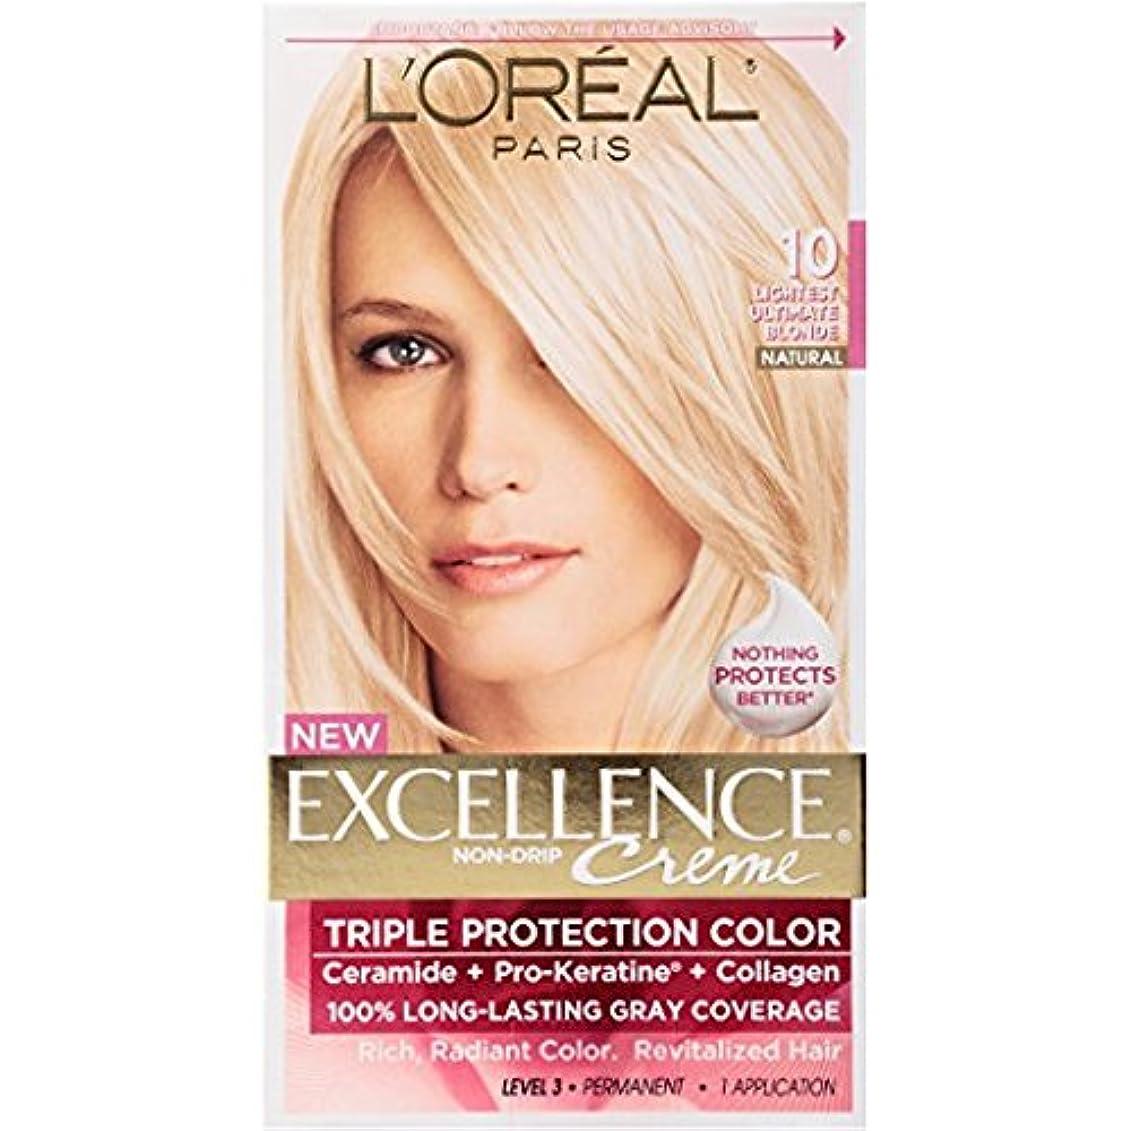 直立どんよりした虚栄心ロレアル L'Oreal Paris Excellence Creme Pro - Keratine 10 Light Ultimate Blonde ブロンド ヘアダイ [並行輸入品]